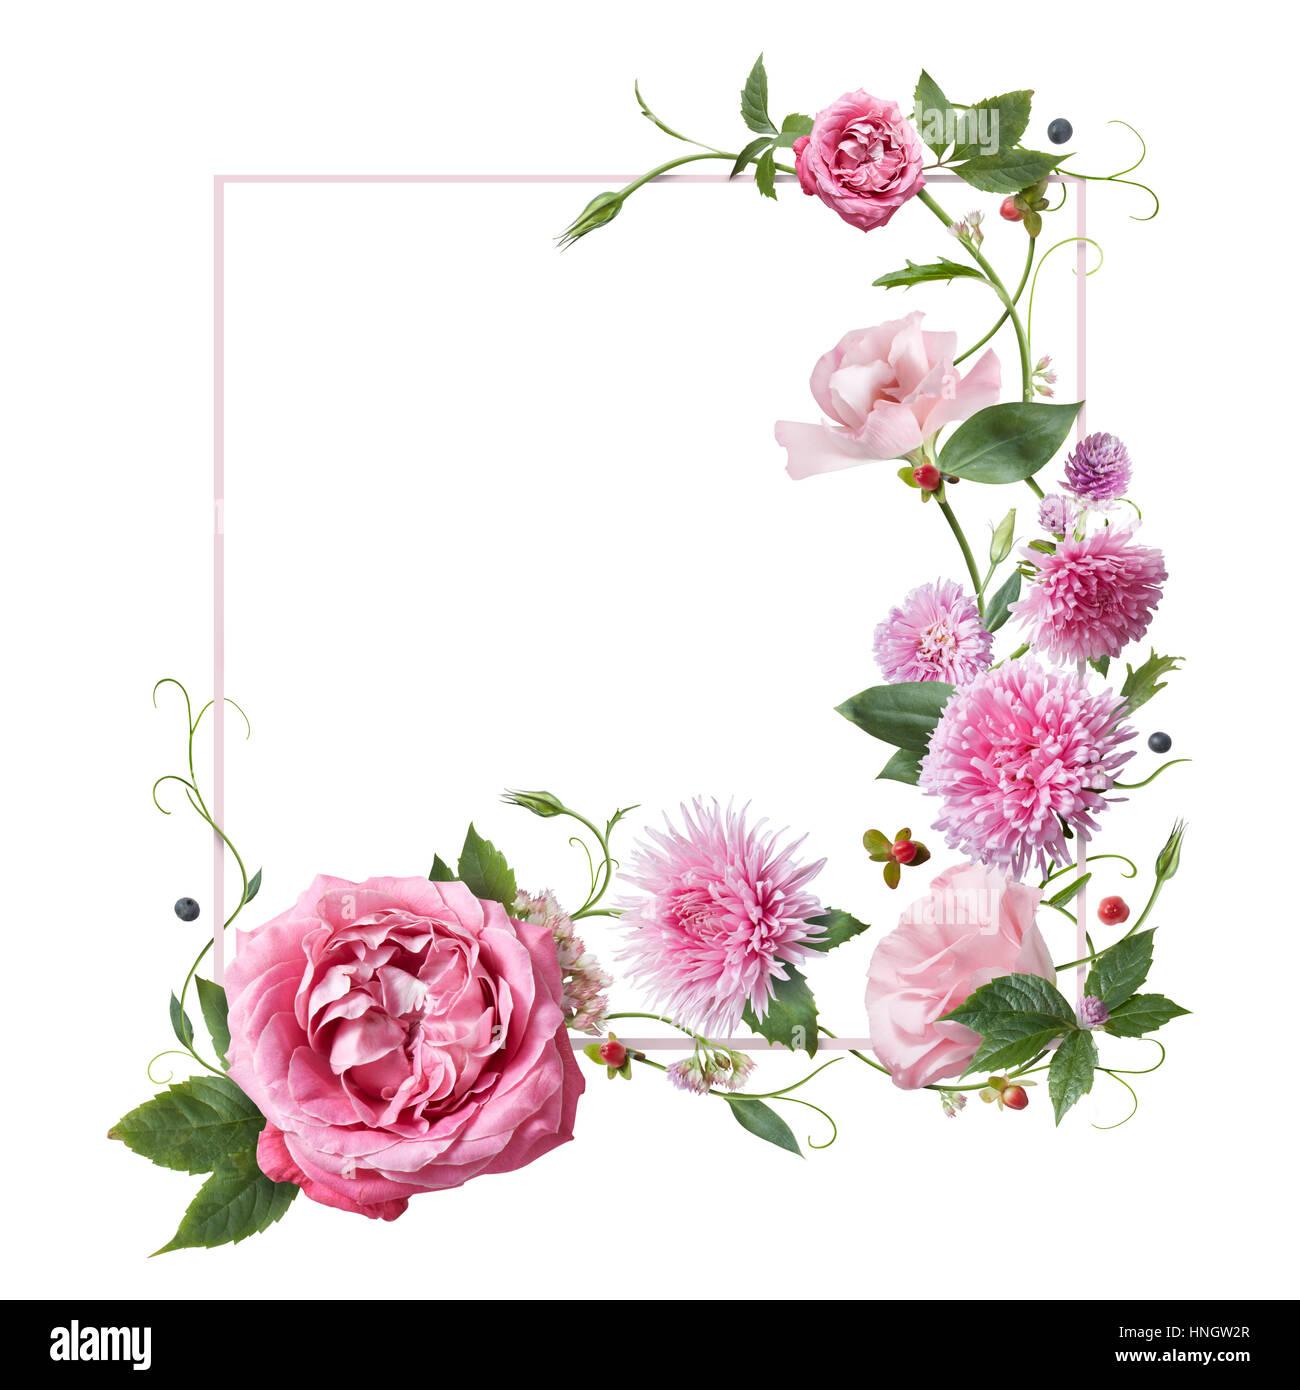 quadratischer rahmen rosa blumen auf wei em hintergrund stockfoto bild 133751263 alamy. Black Bedroom Furniture Sets. Home Design Ideas